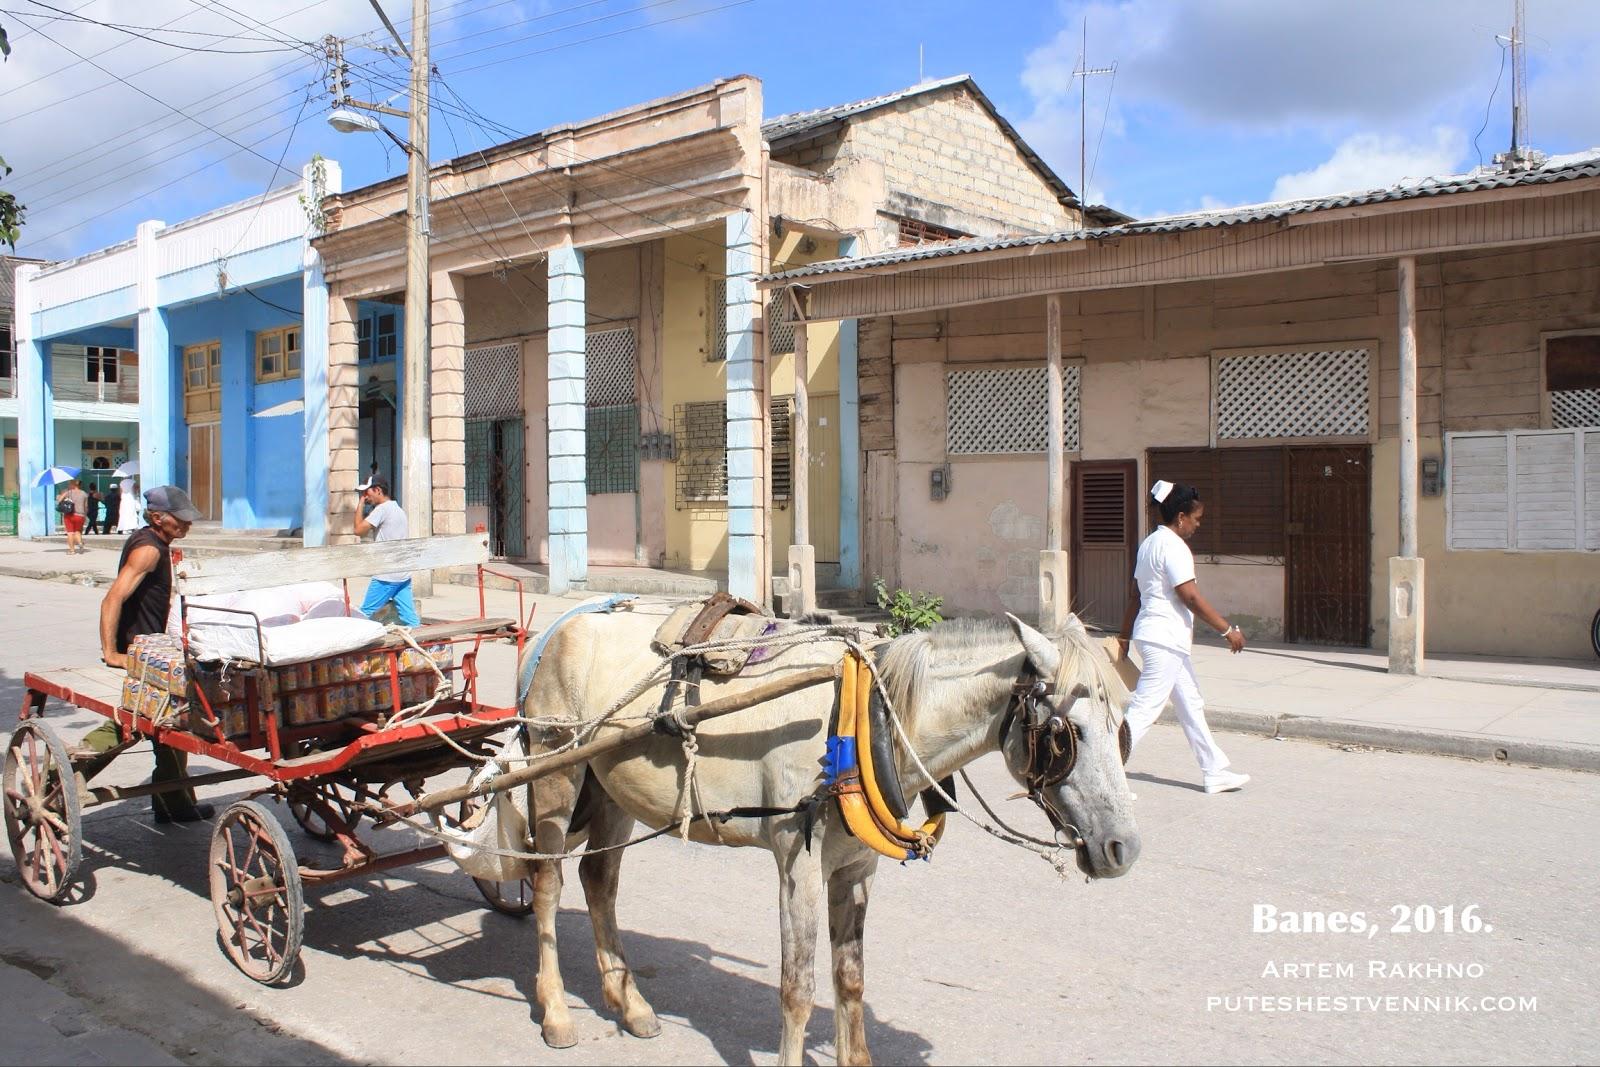 Гужевой транспорт в городе на Кубе